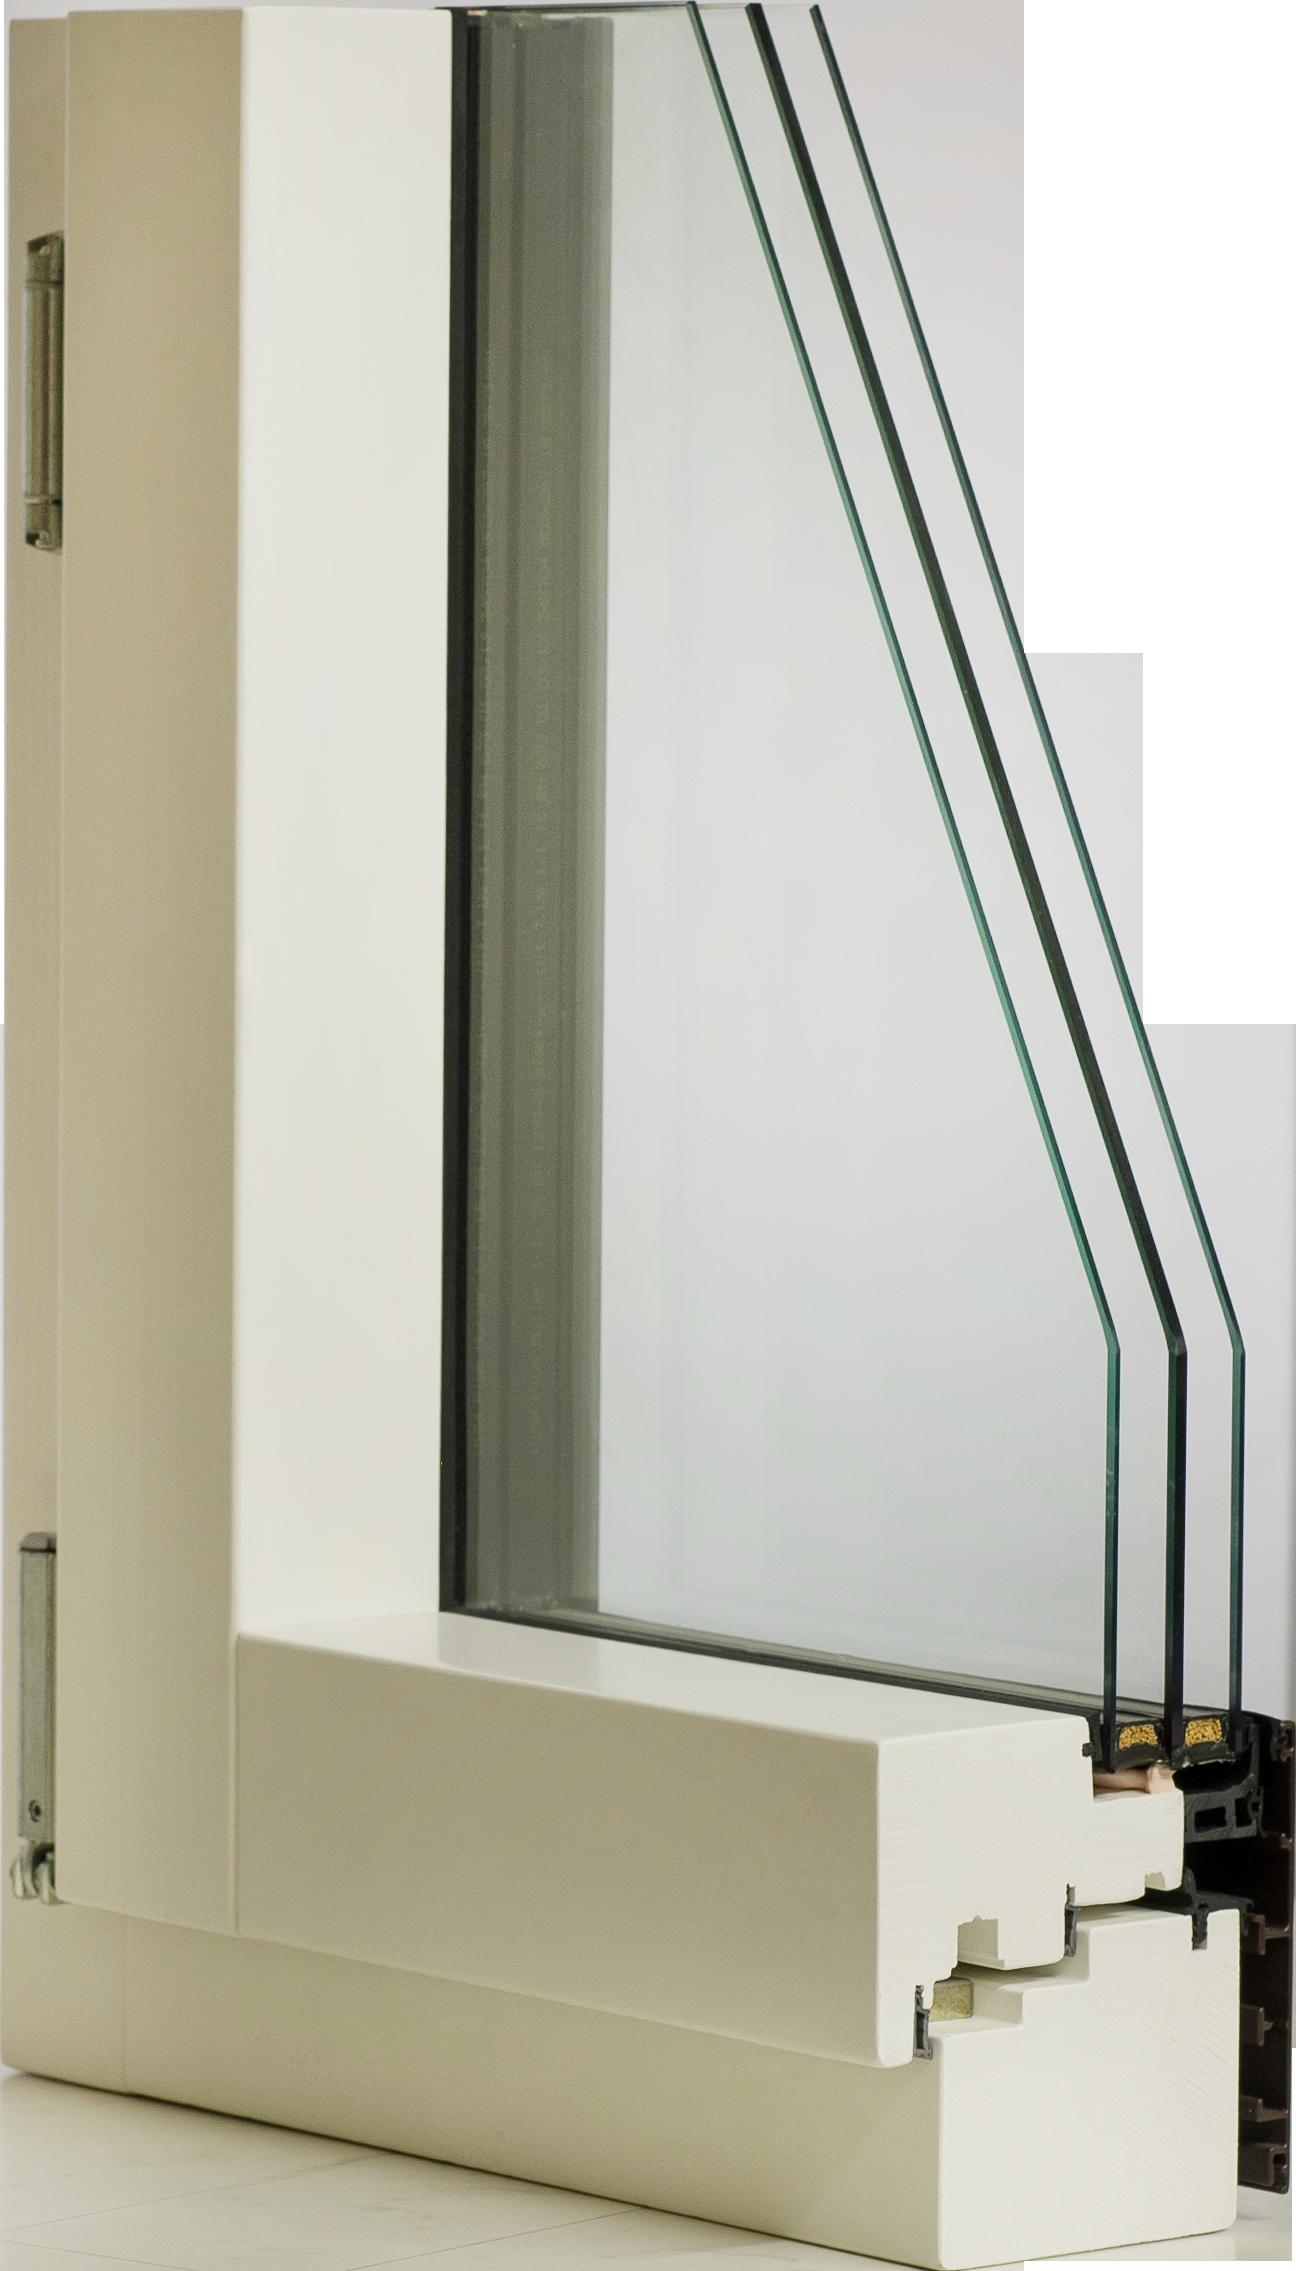 Full Size of Fenster 3 Fach Verglasung Holz Alu Mit Ohne Rahmen Insektenschutzgitter Einbruchschutz Stange 120x120 Dreifachverglasung Stores Austauschen Kosten 3er Sofa Fenster Fenster 3 Fach Verglasung